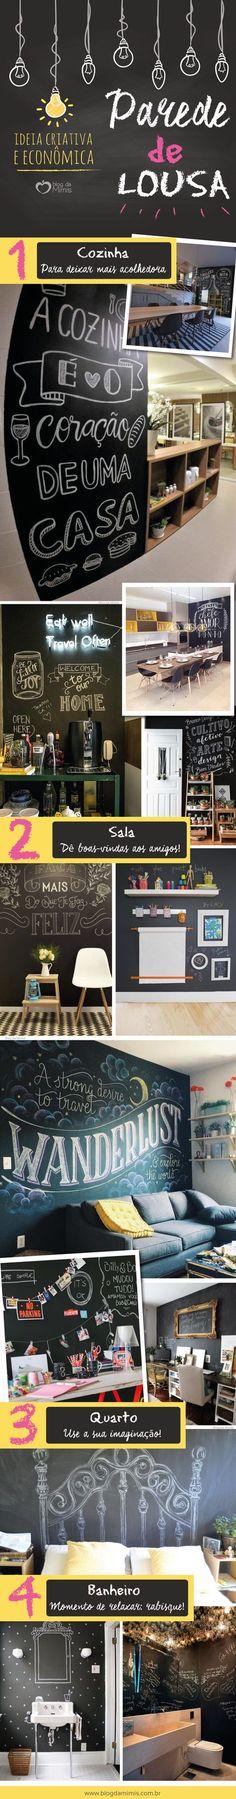 Parede de lousa: decoração criativa e econômica - Blog da Mimis #blogdamimis #decor #lousa #parededelousa